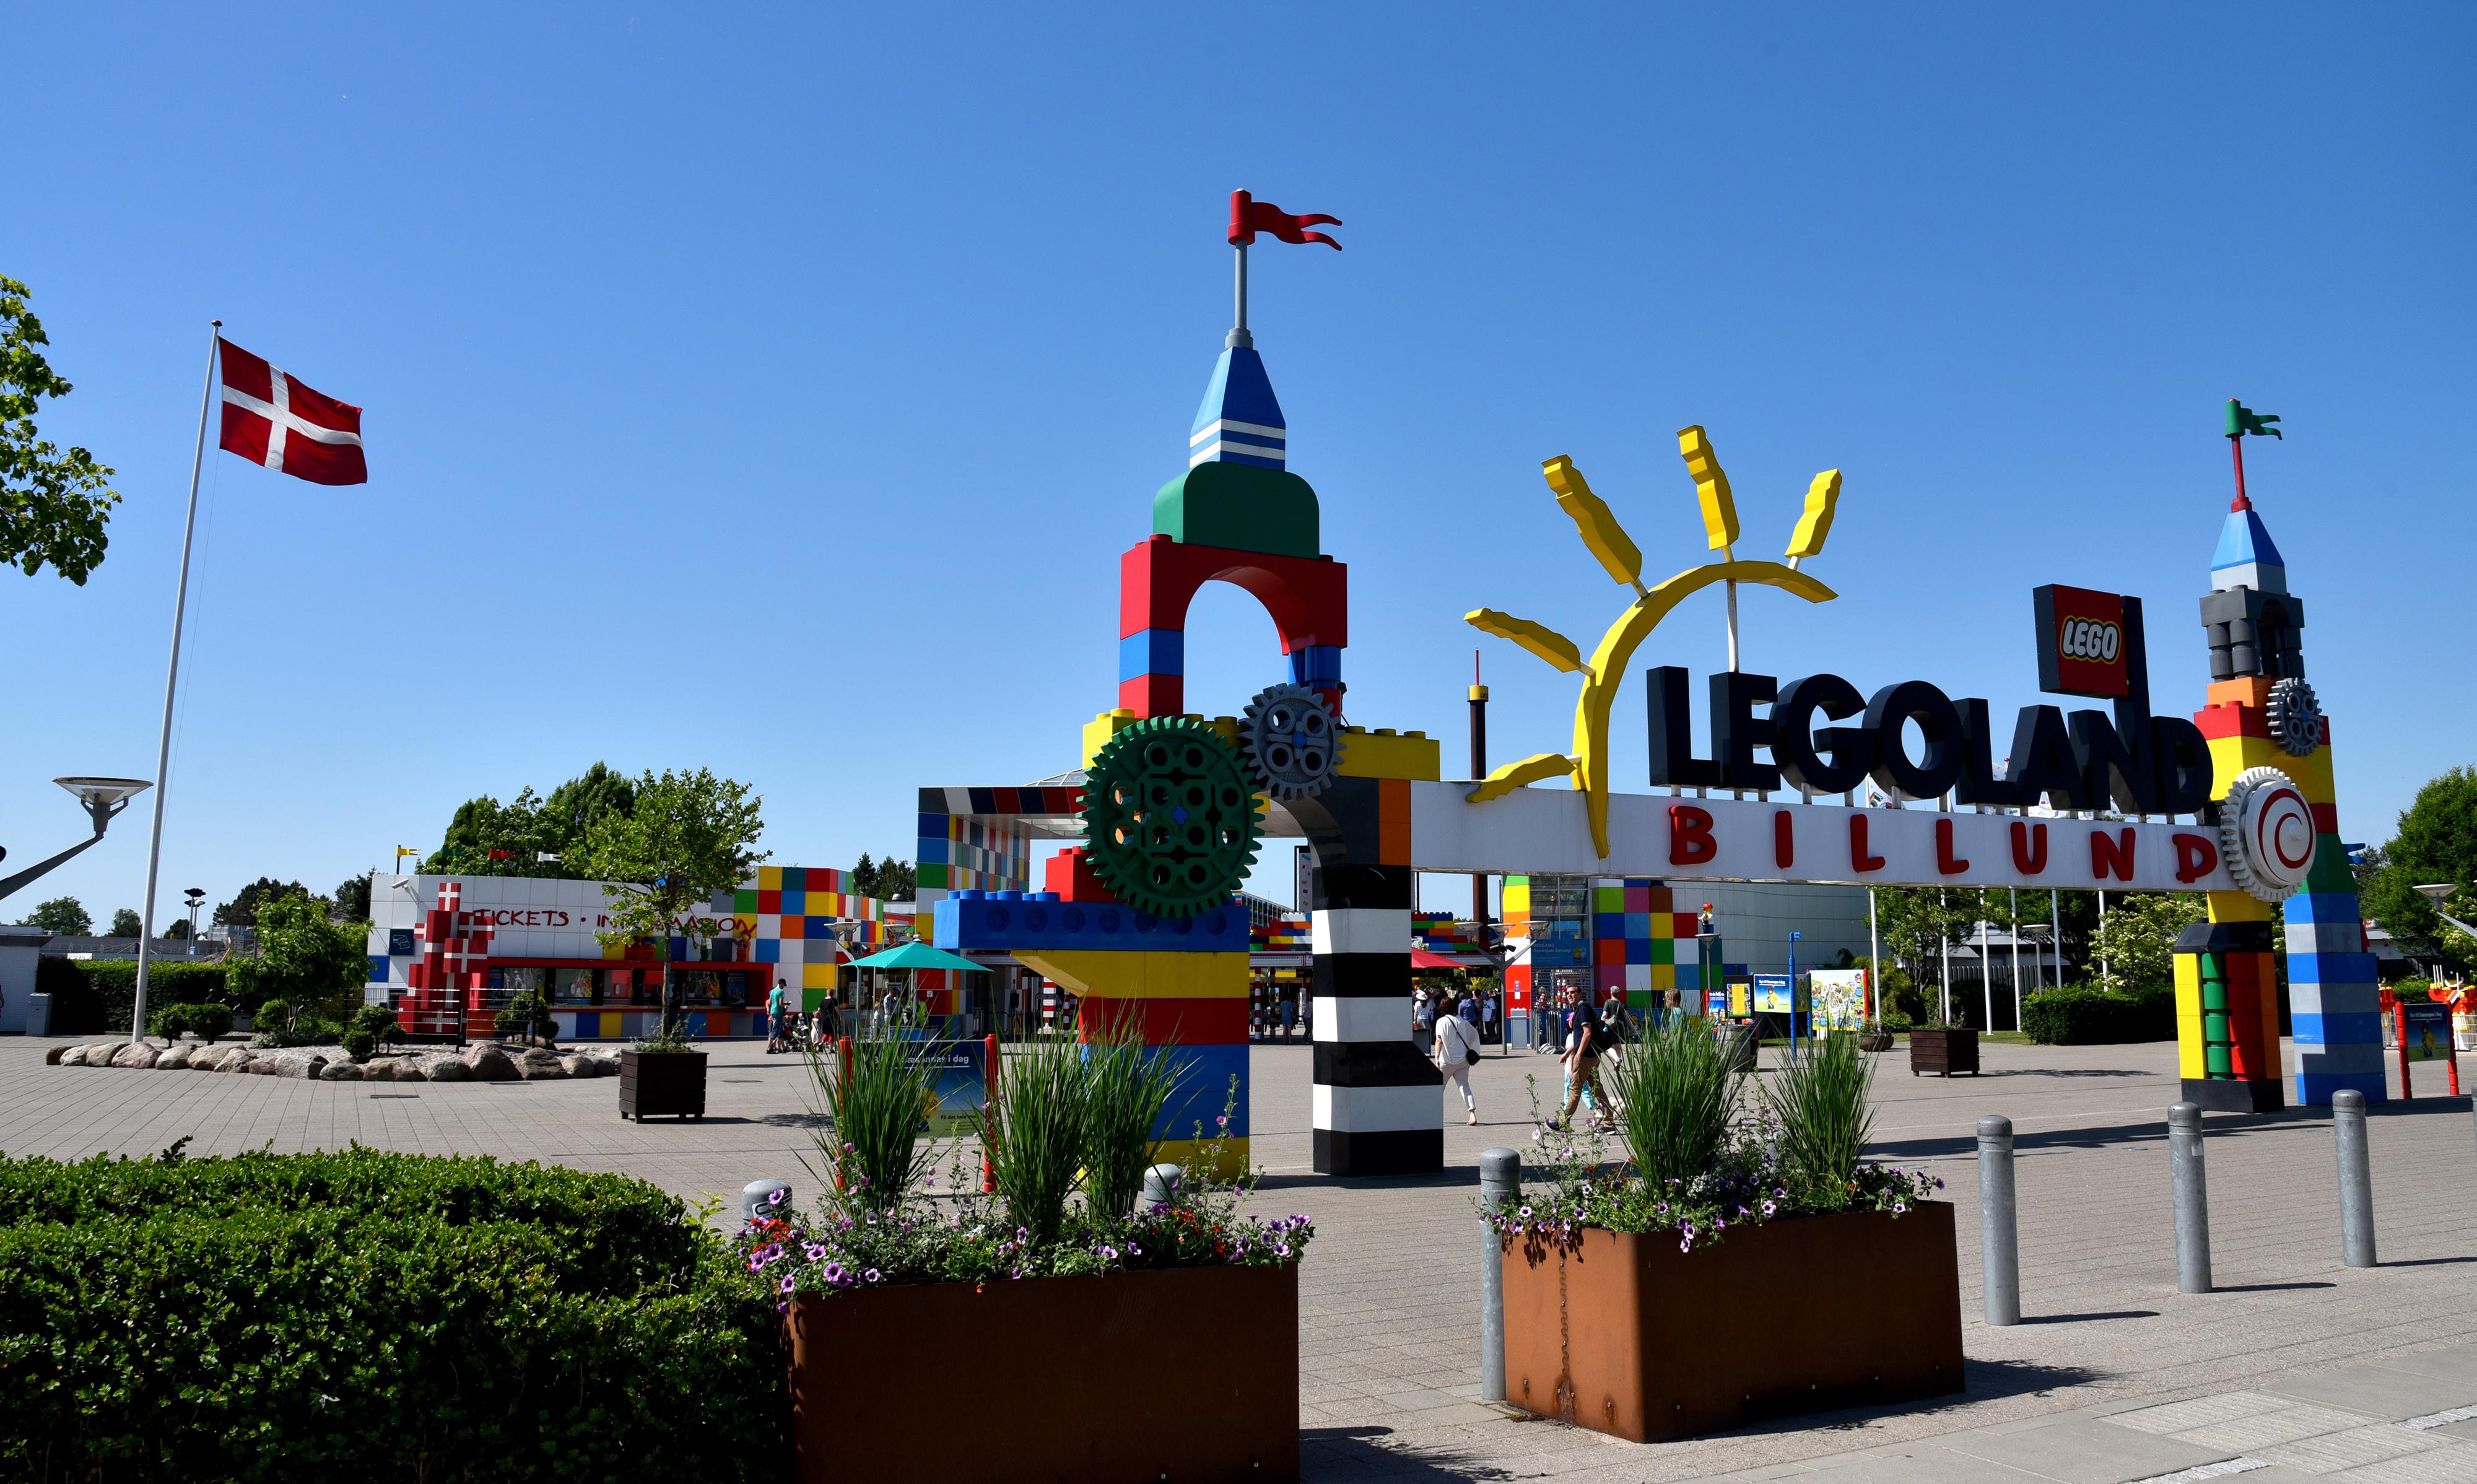 Indgangen til Legoland som den ser ud i 2018 – 50 år efter åbningen. Foto: Legoland